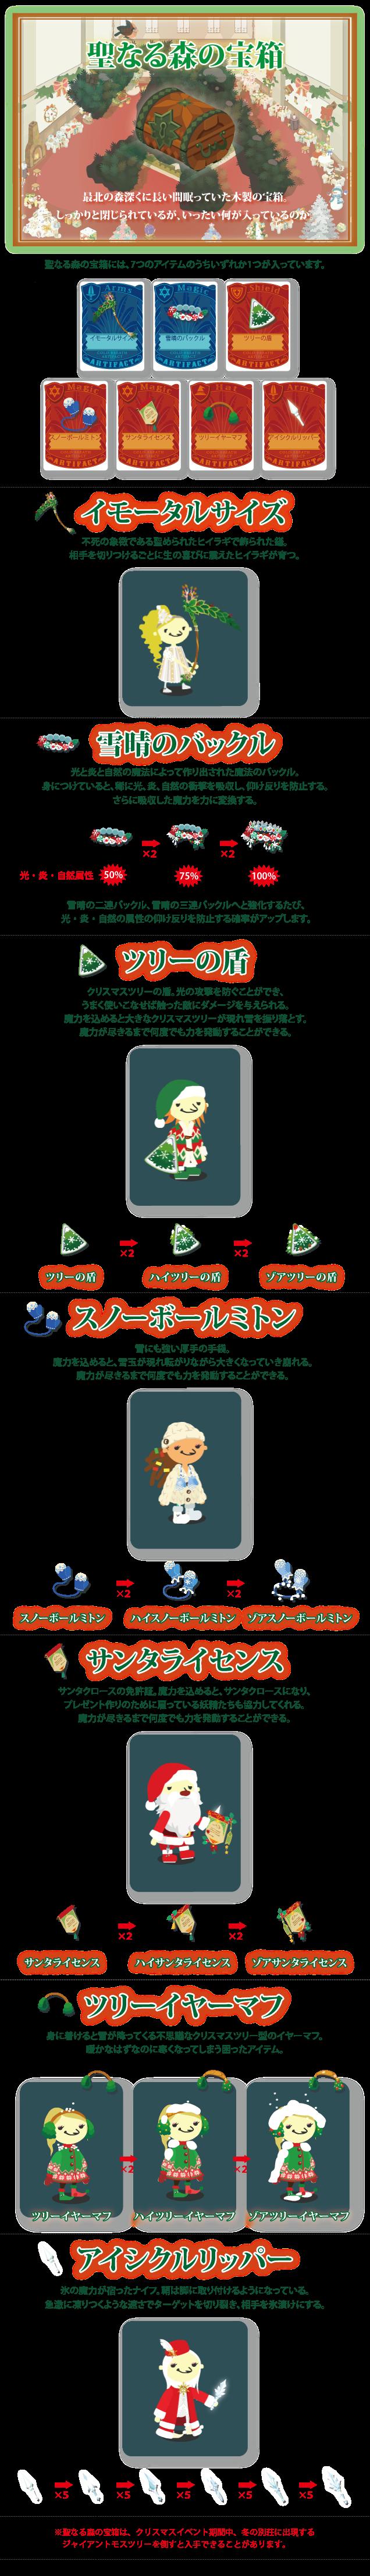 聖なる森の宝箱